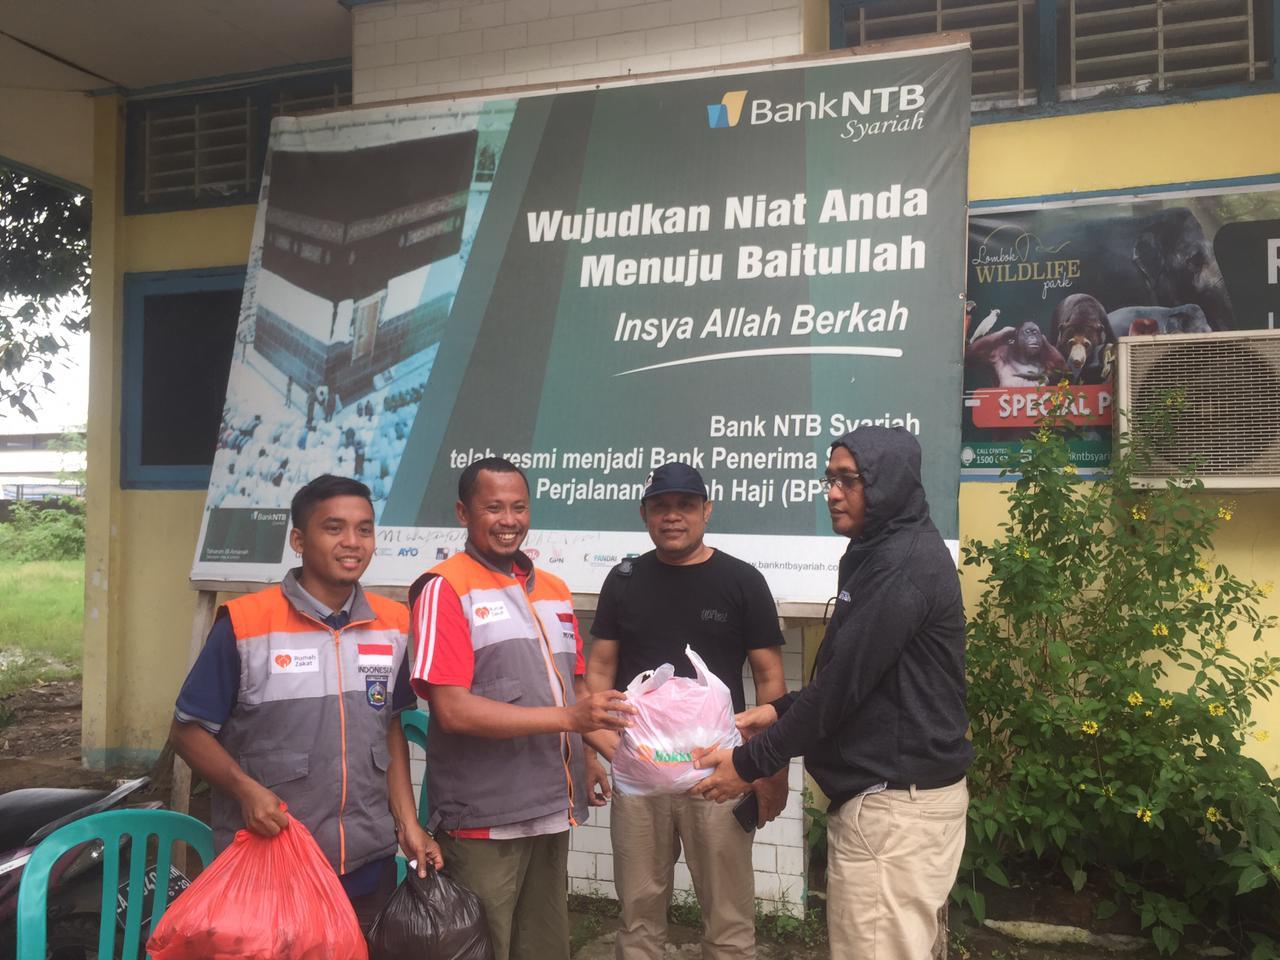 PT-Bank-NTB-Syariah-Cabang-Bima-Distribusi-Air-Bersih-dan-Makanan-Siap-Saji-Bagi-Korban-Banjir.html